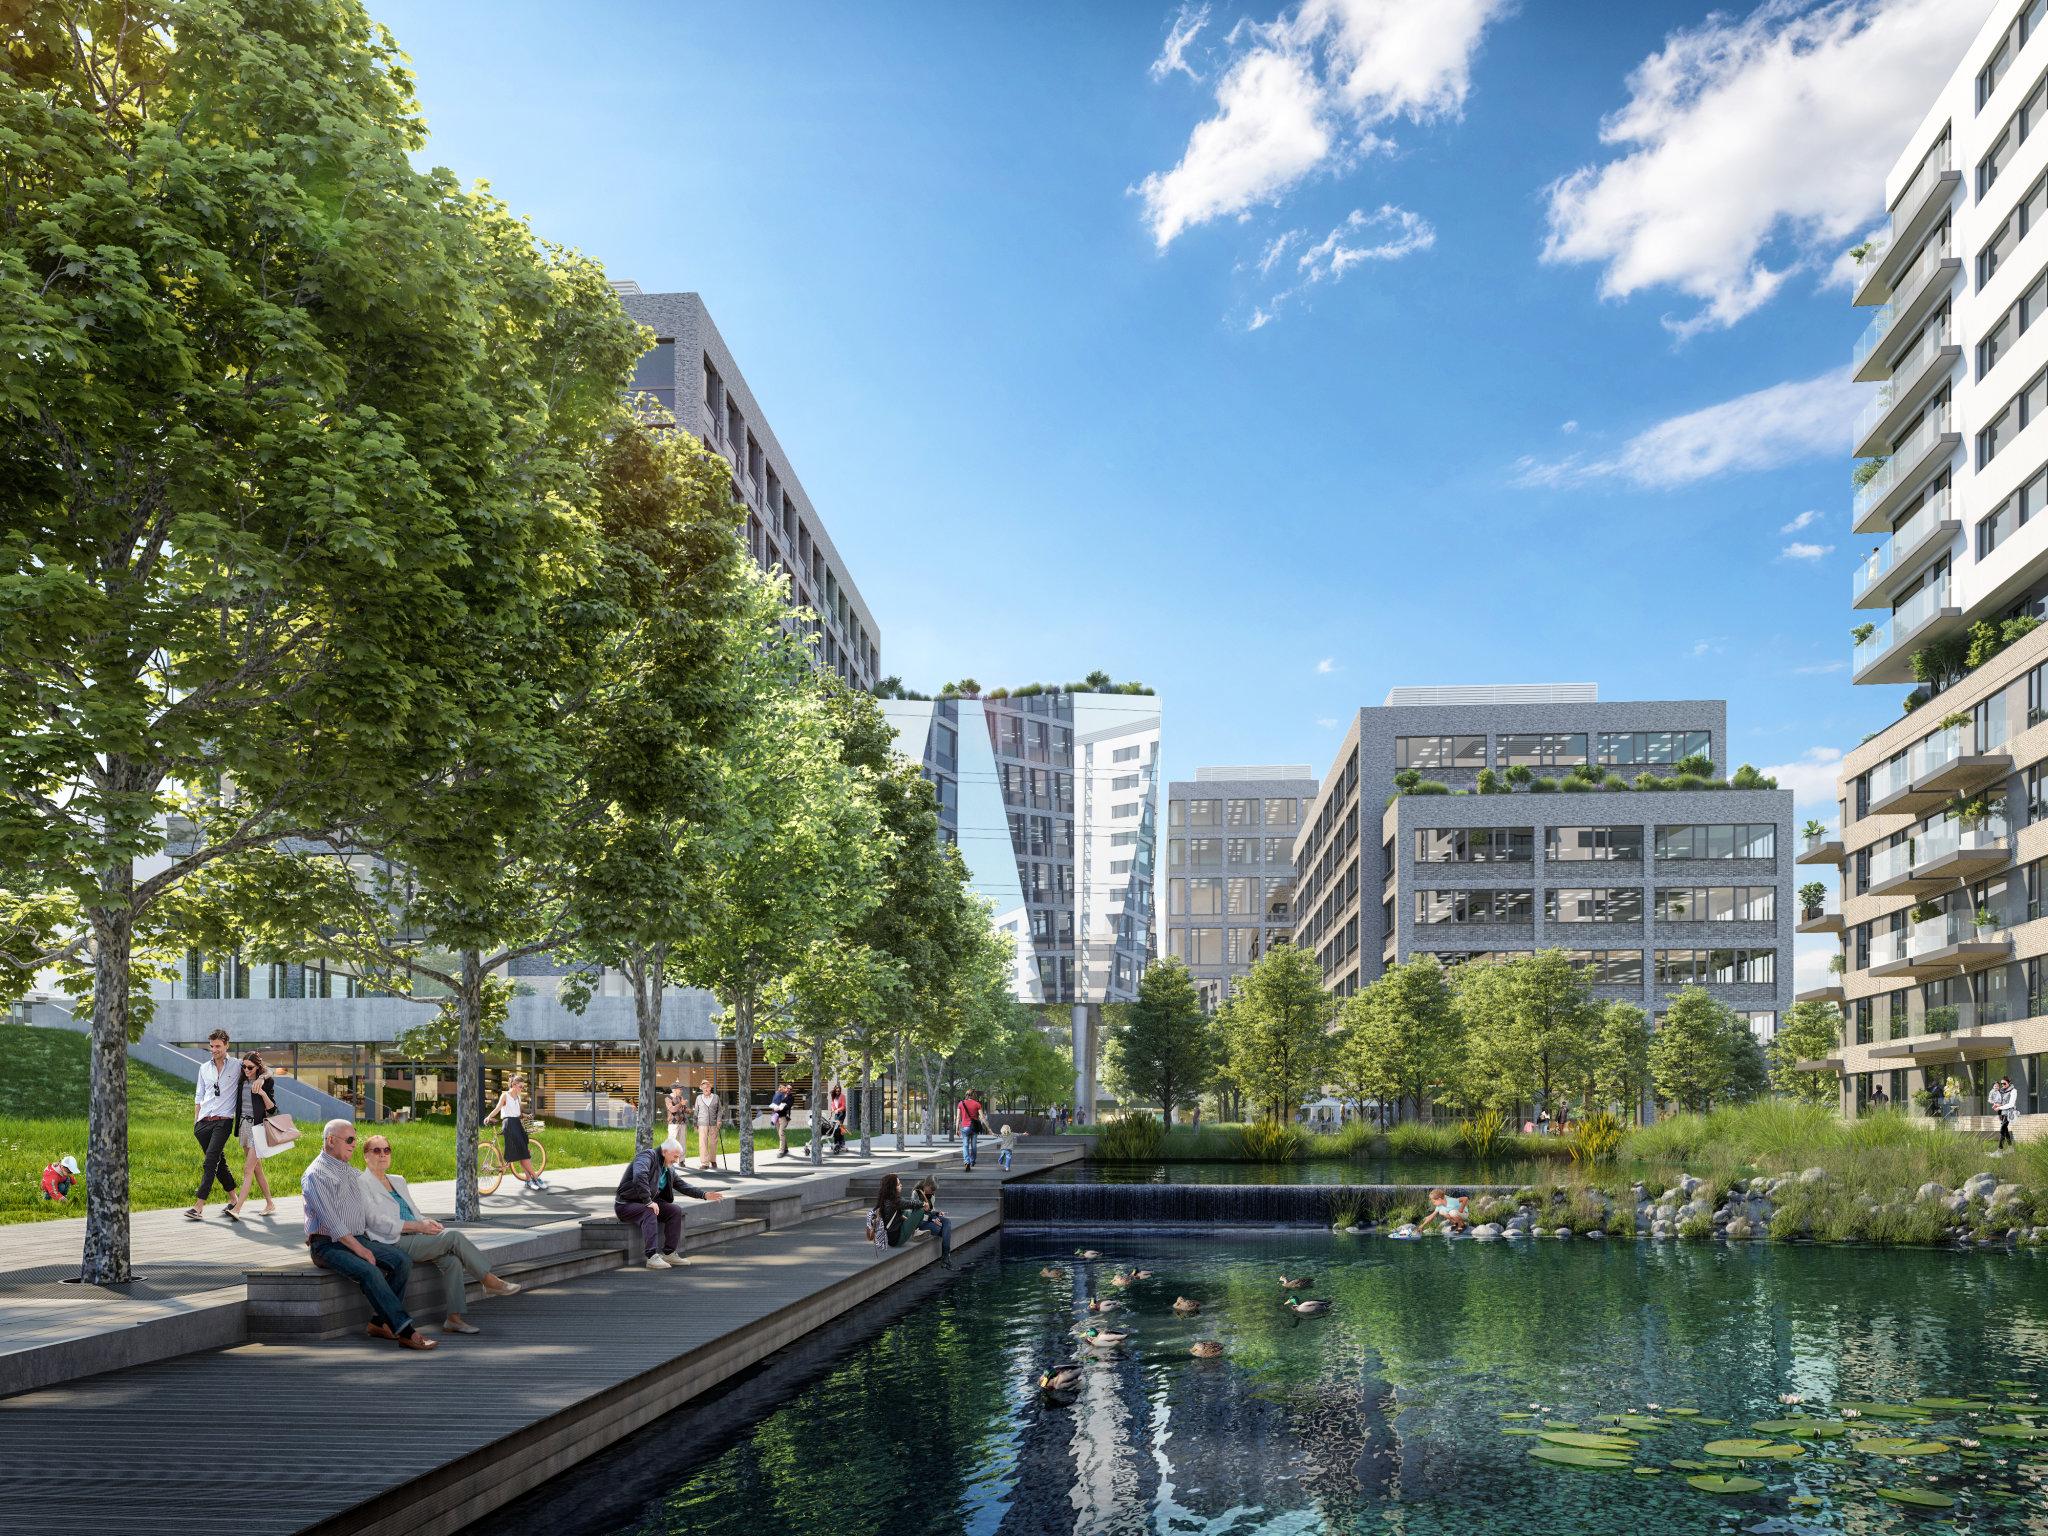 Nová čtvrť bude zahrnovat byty, kanceláře, obchodní plochy a veřejná prostranství.